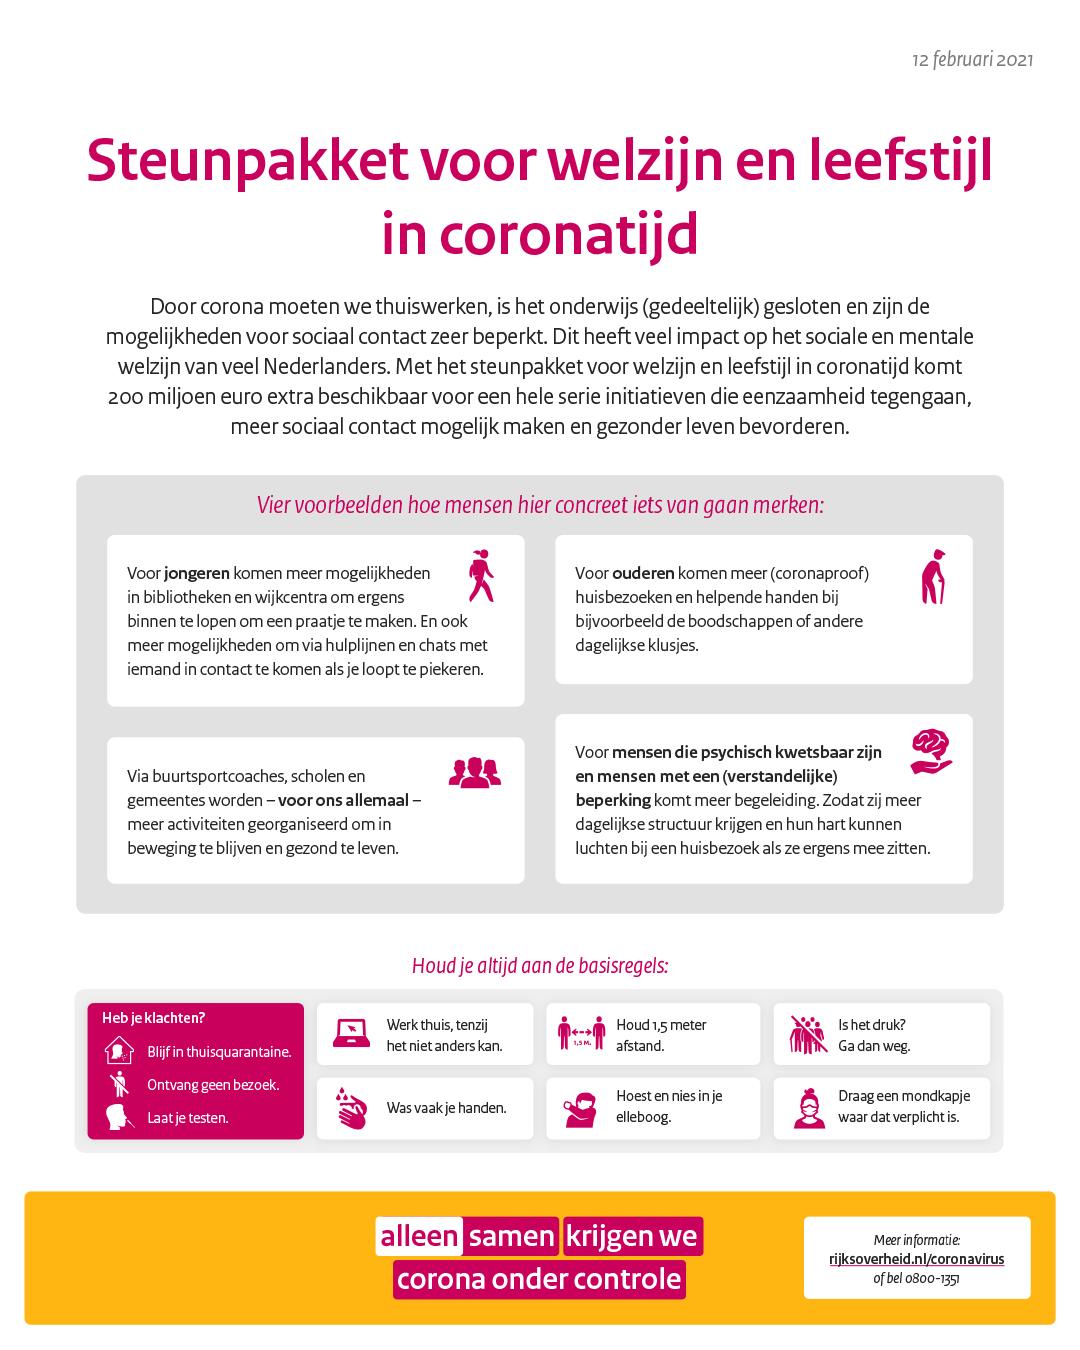 Kabinet stelt 200 miljoen euro beschikbaar voor welzijn in coronatijd - Rijksoverheid.nl